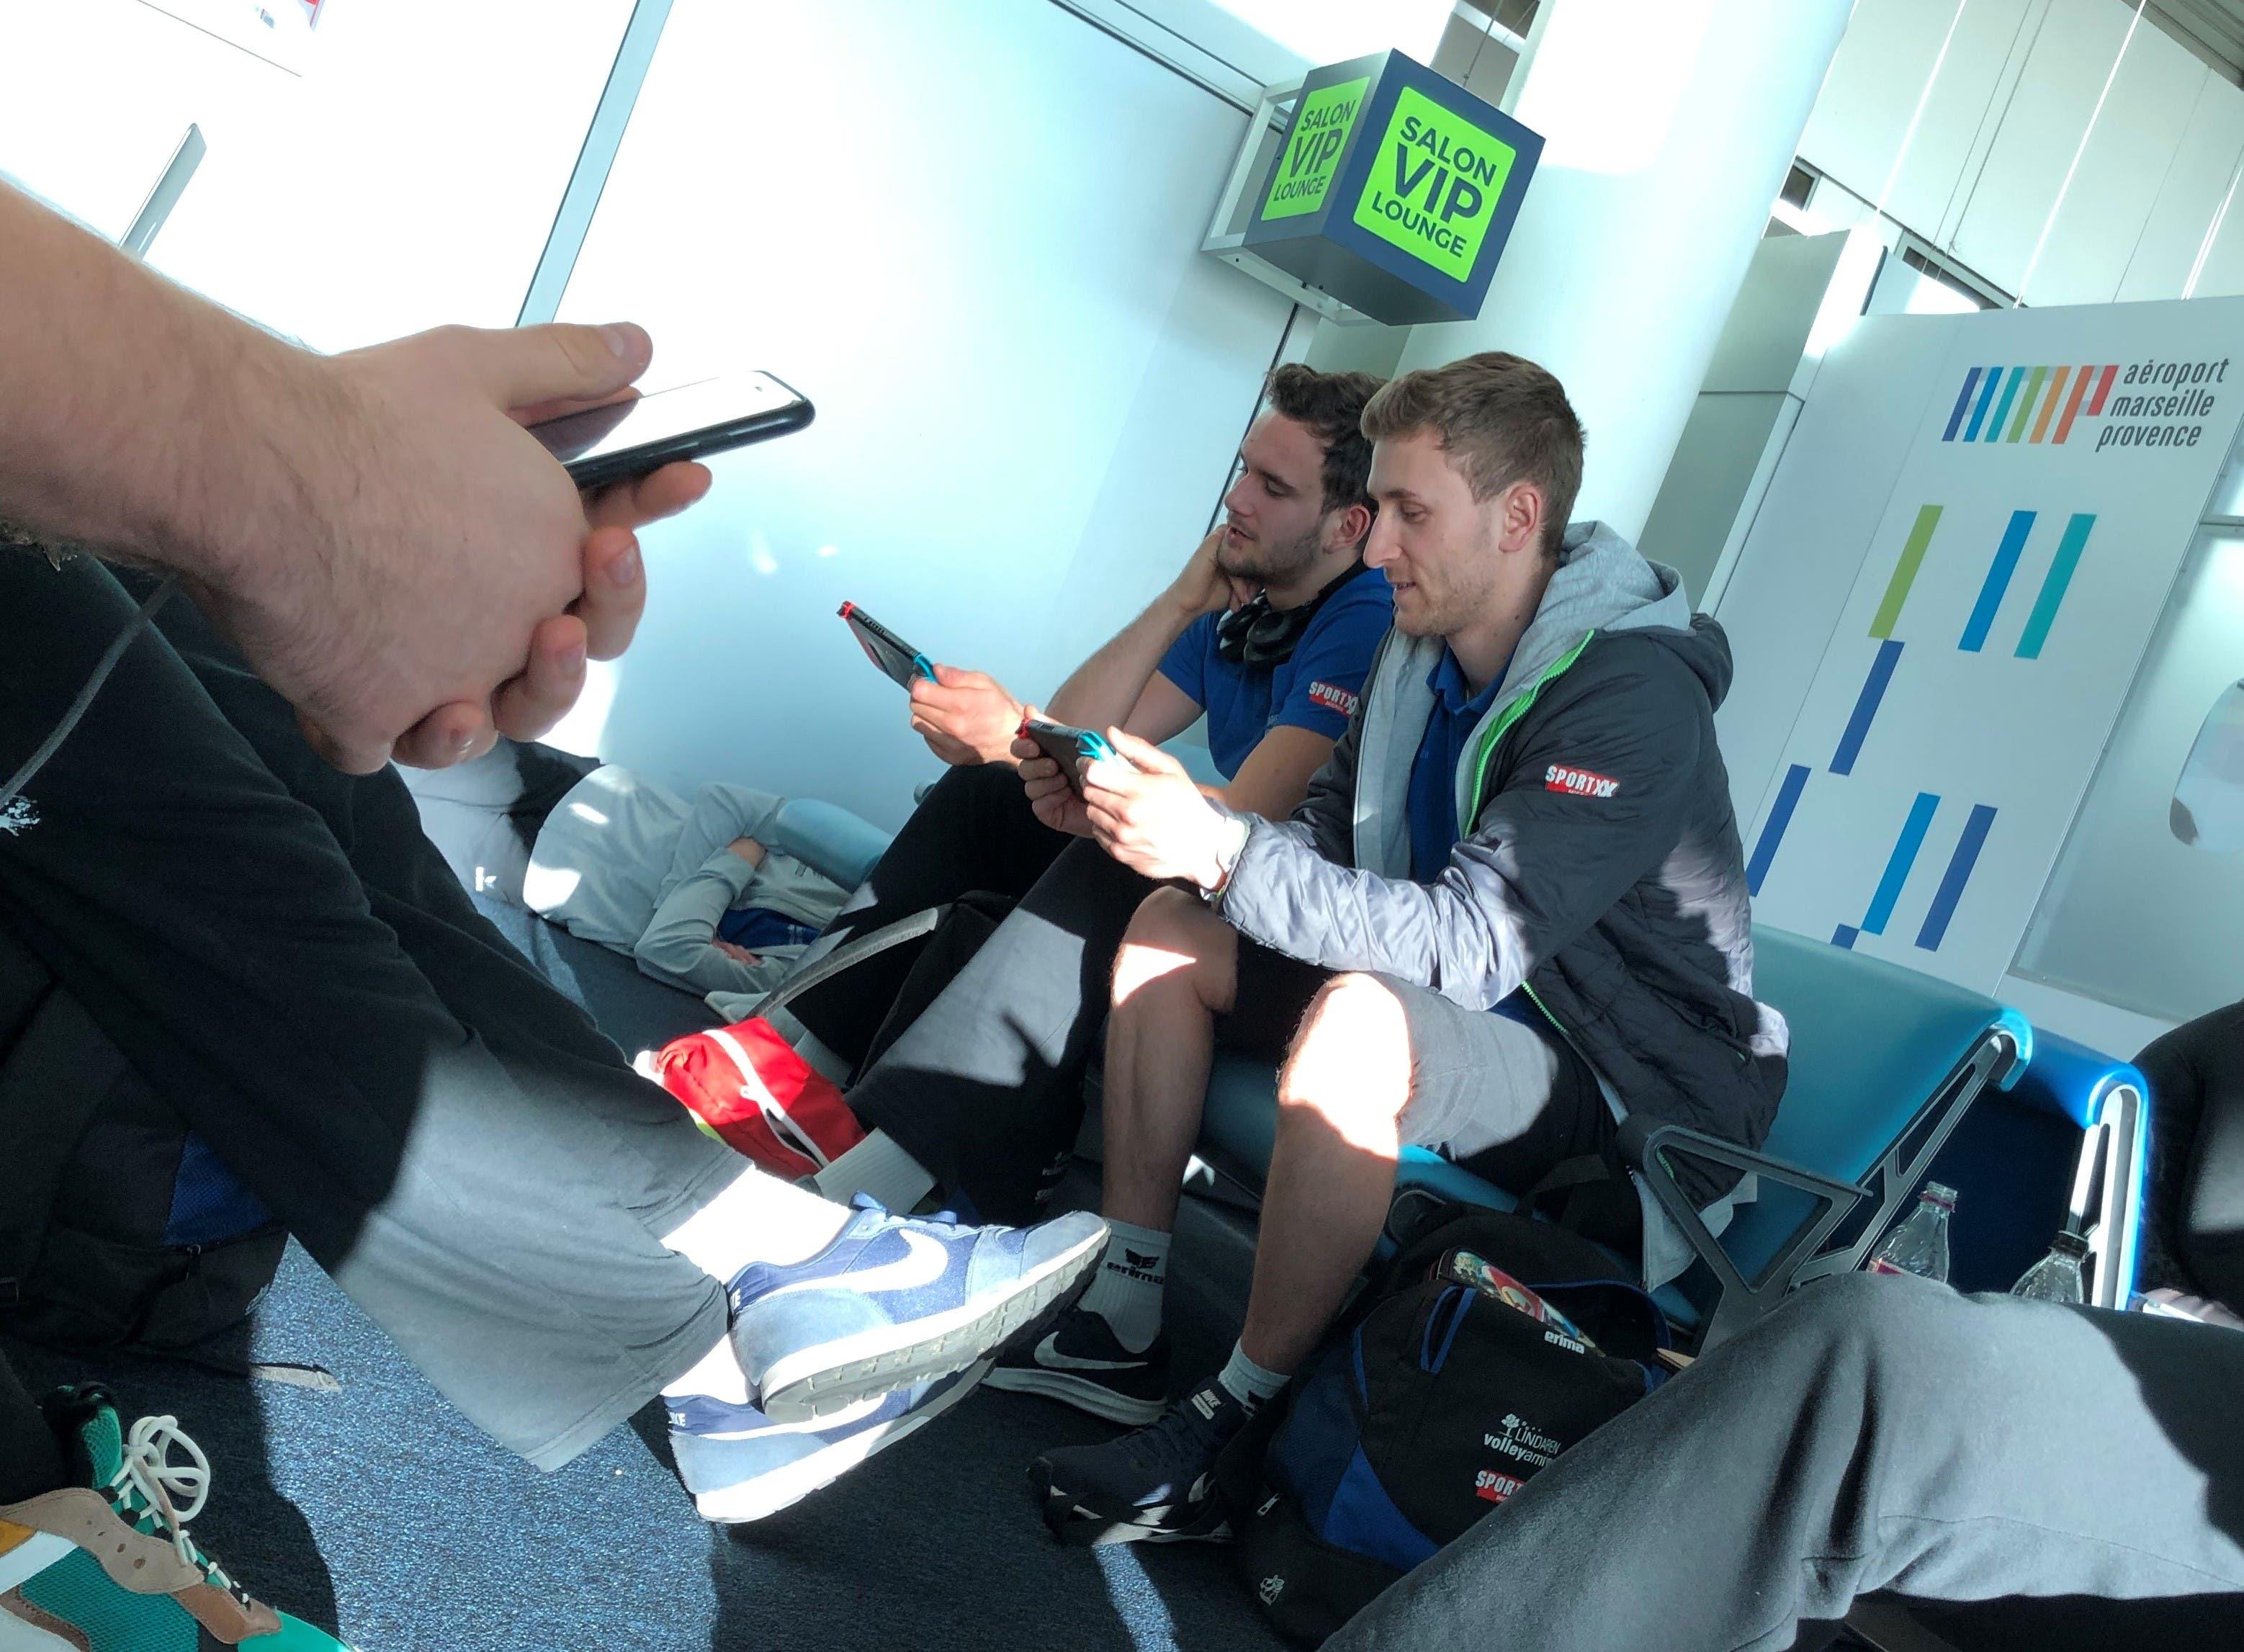 Gamepads und Smartphones sind treue Begleiter der Spieler (Julian Weisigk, links, und Luca Müller) auf einer Europacup-Reise. Oft spielen sie auf ihren Geräten gegeneinander, was immer wieder für Lacher und kleine Sticheleien sorgt.